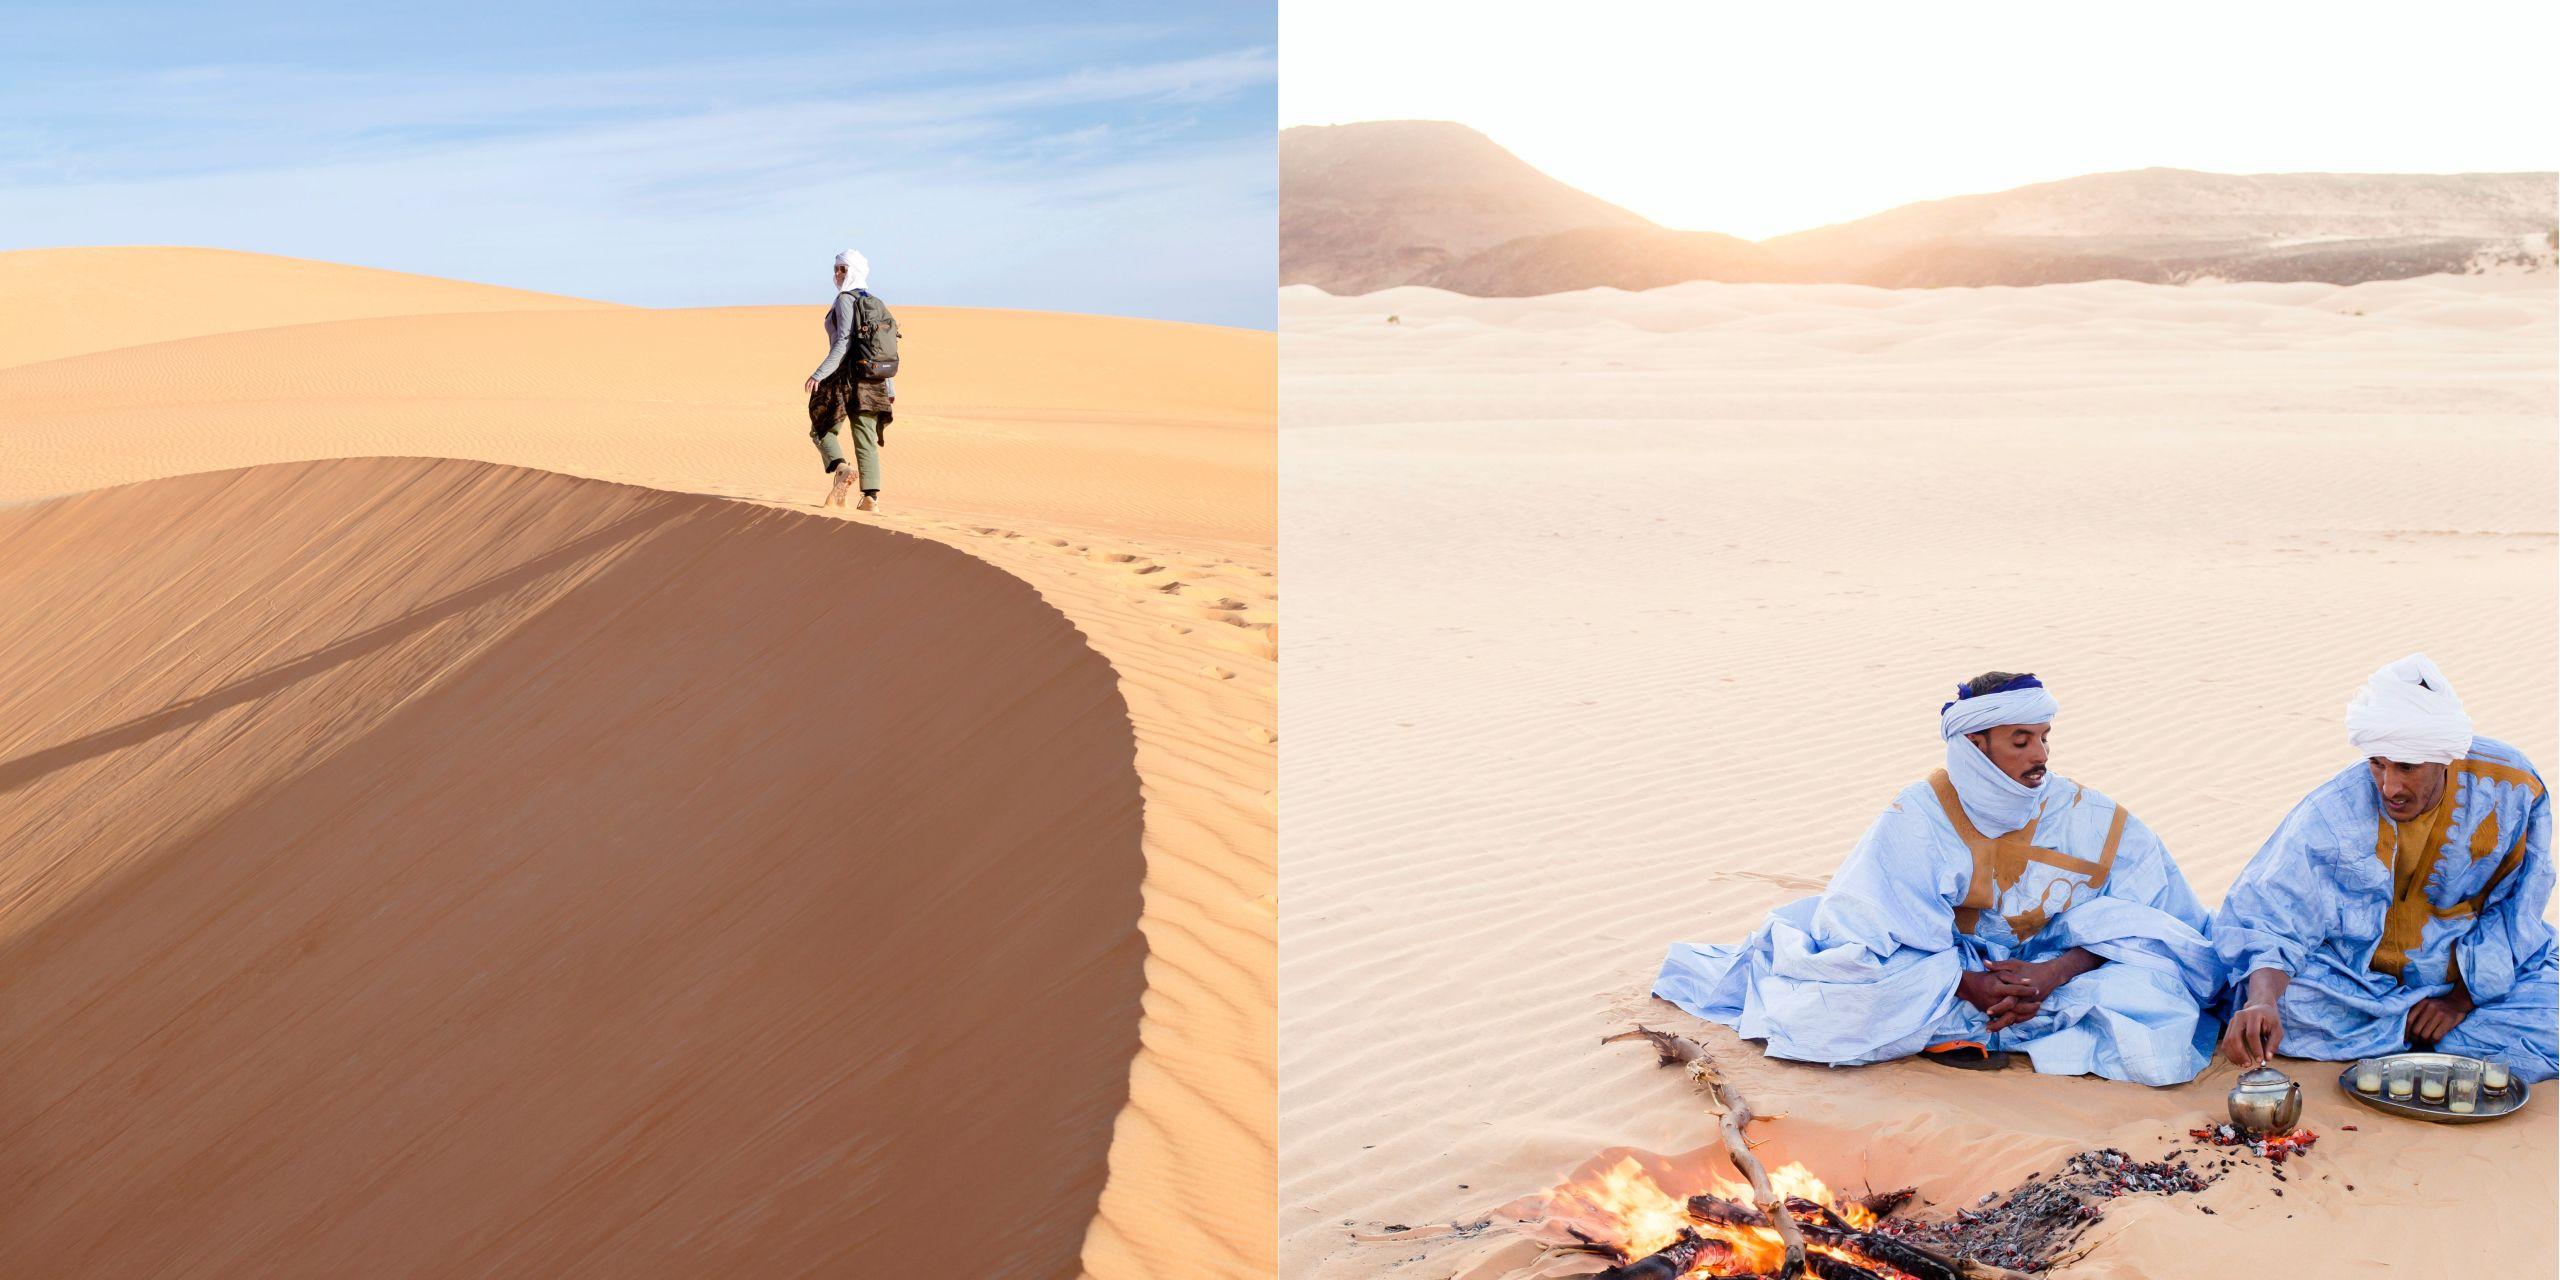 北非茅利塔尼亞,在撒哈拉沙漠流浪